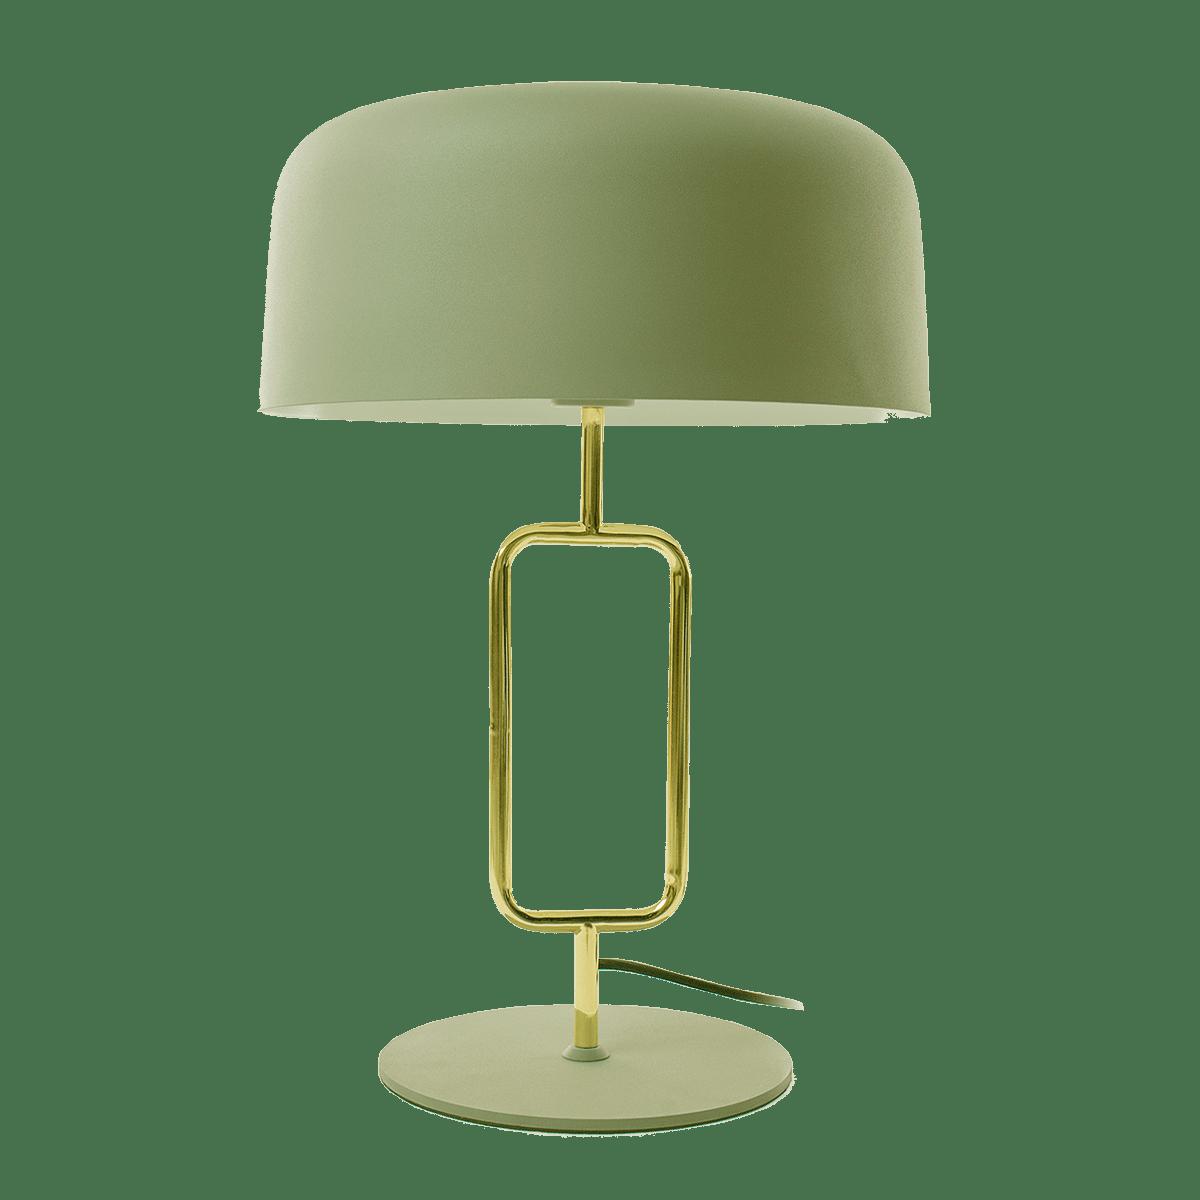 Ndricues LUPIN Green